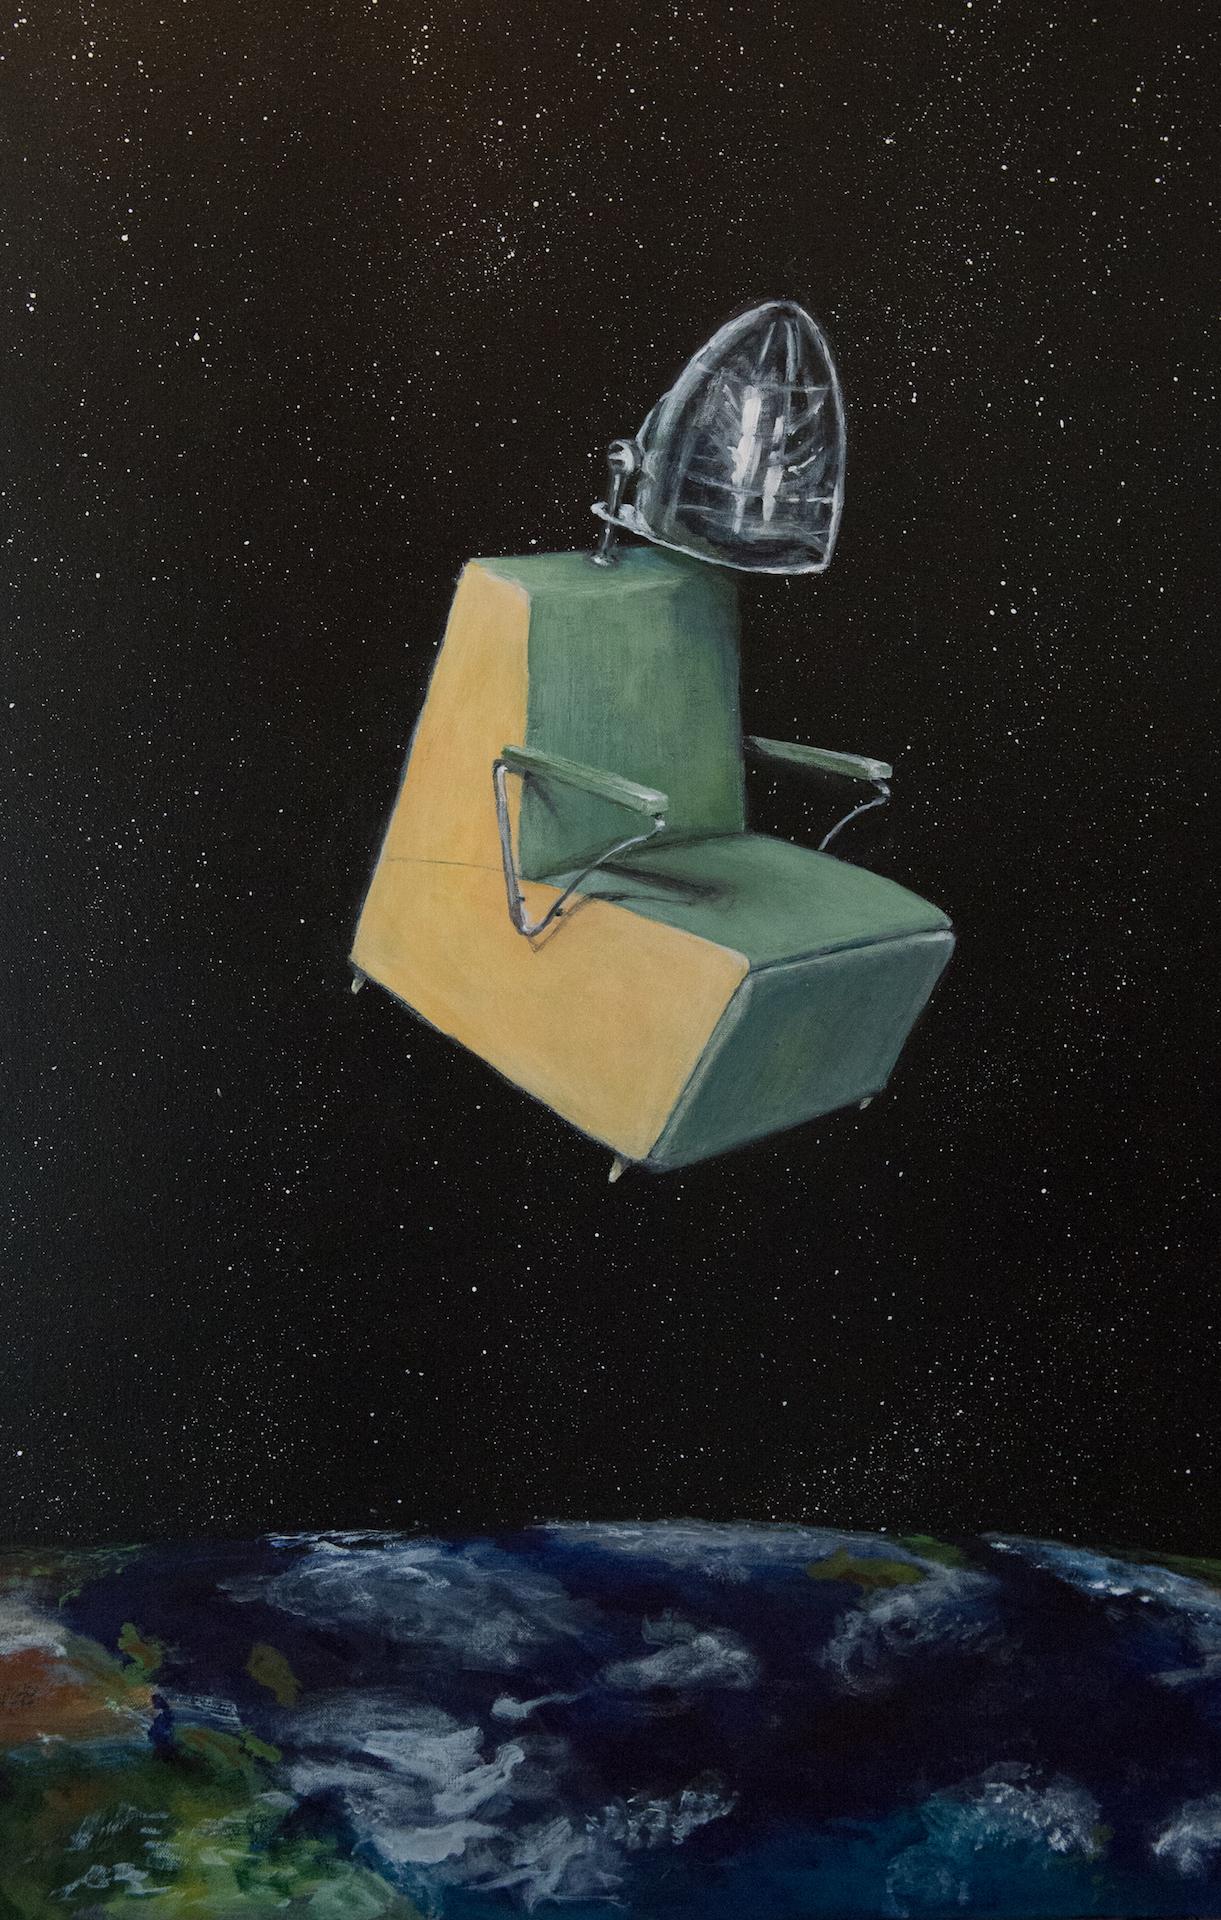 Space Debris hair dryer chair PAC size JPG.jpg